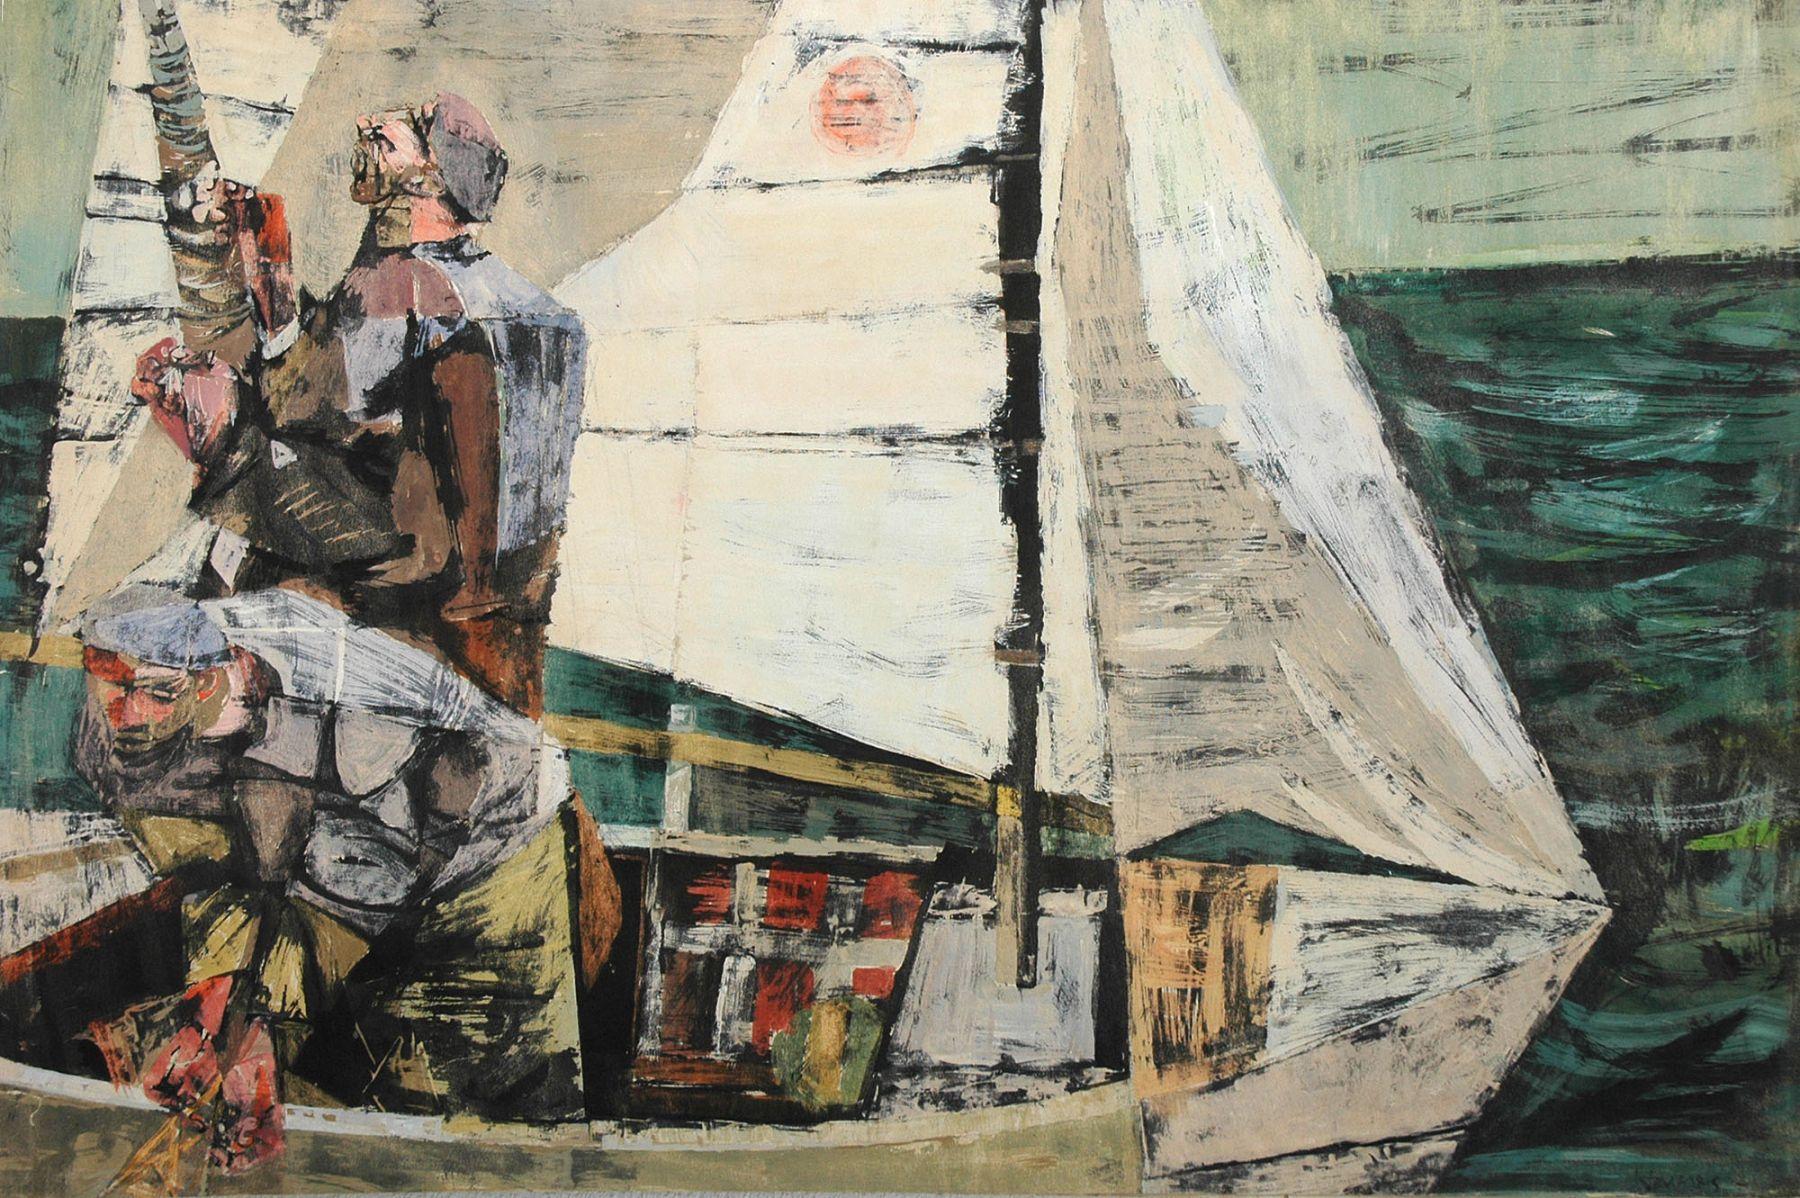 Richard Haines (1906 - 1984)  Sailors